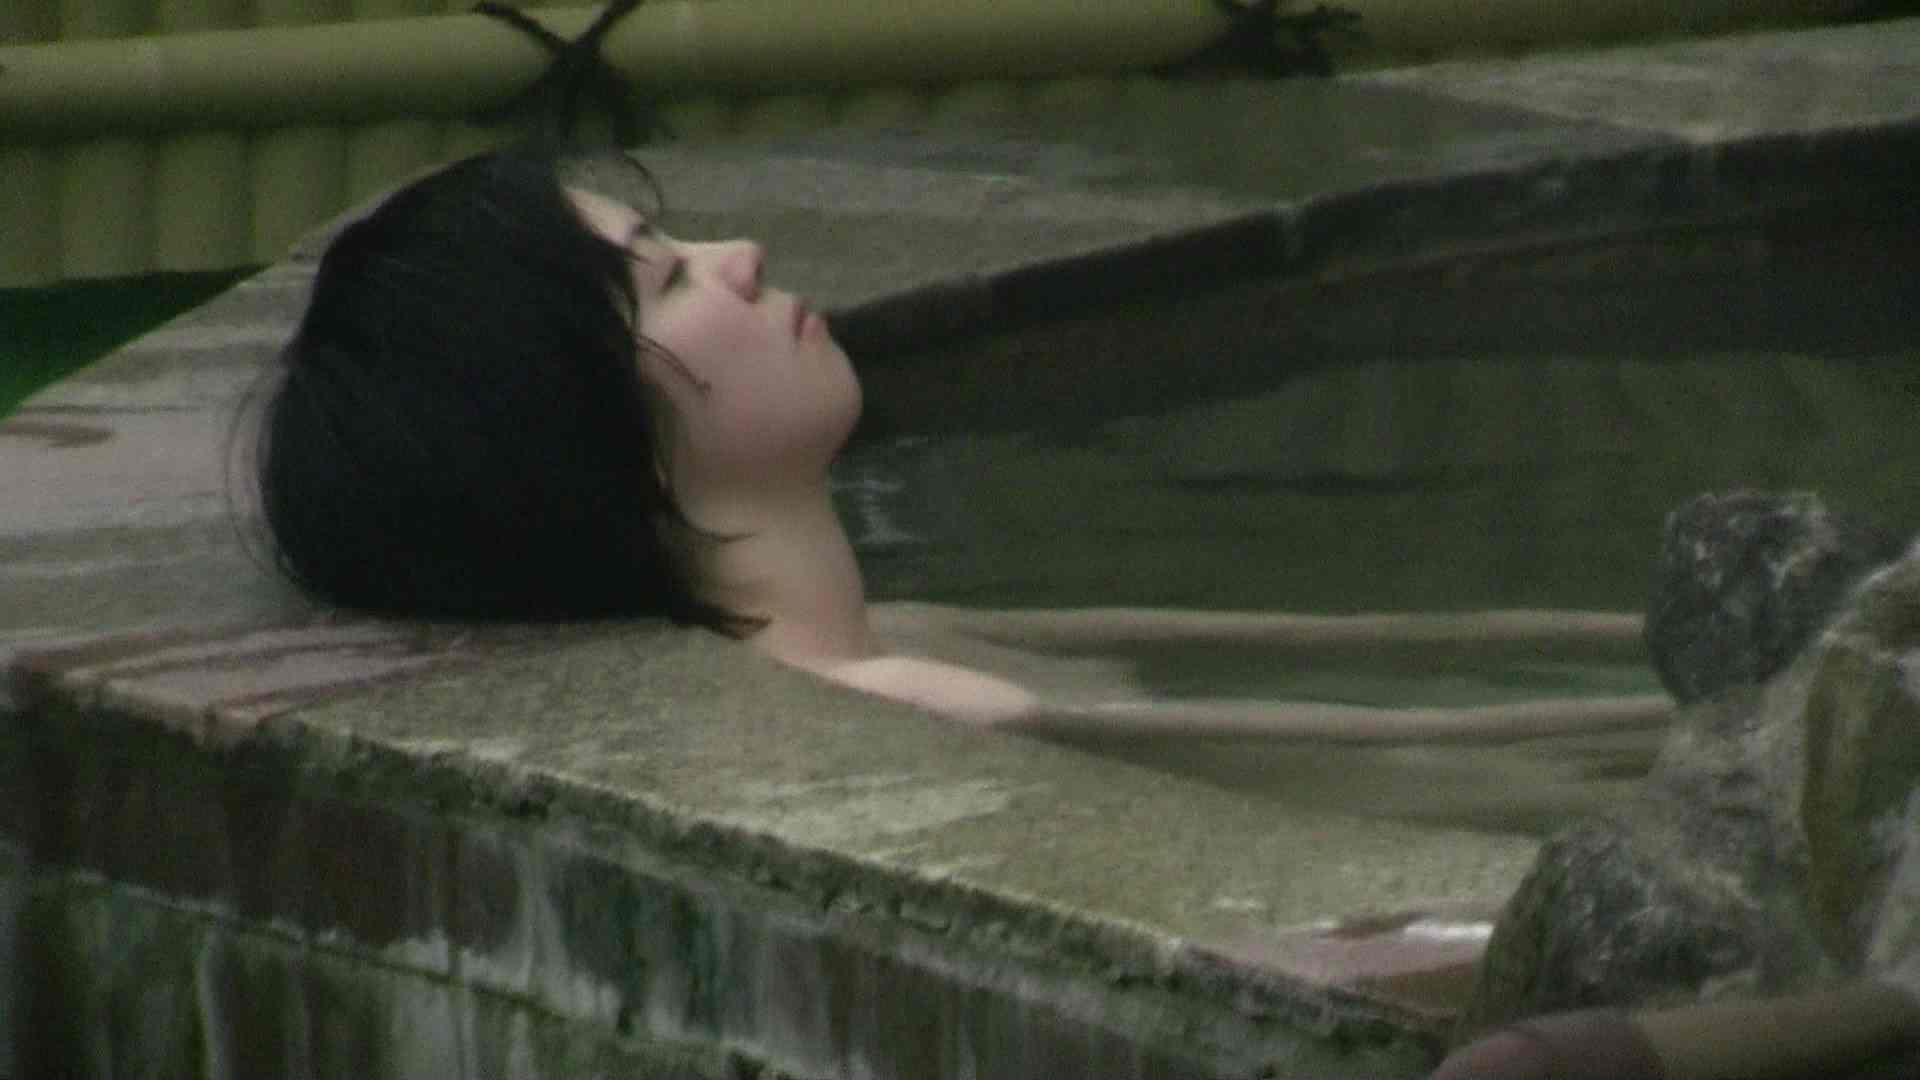 Aquaな露天風呂Vol.685 0   0  60pic 53